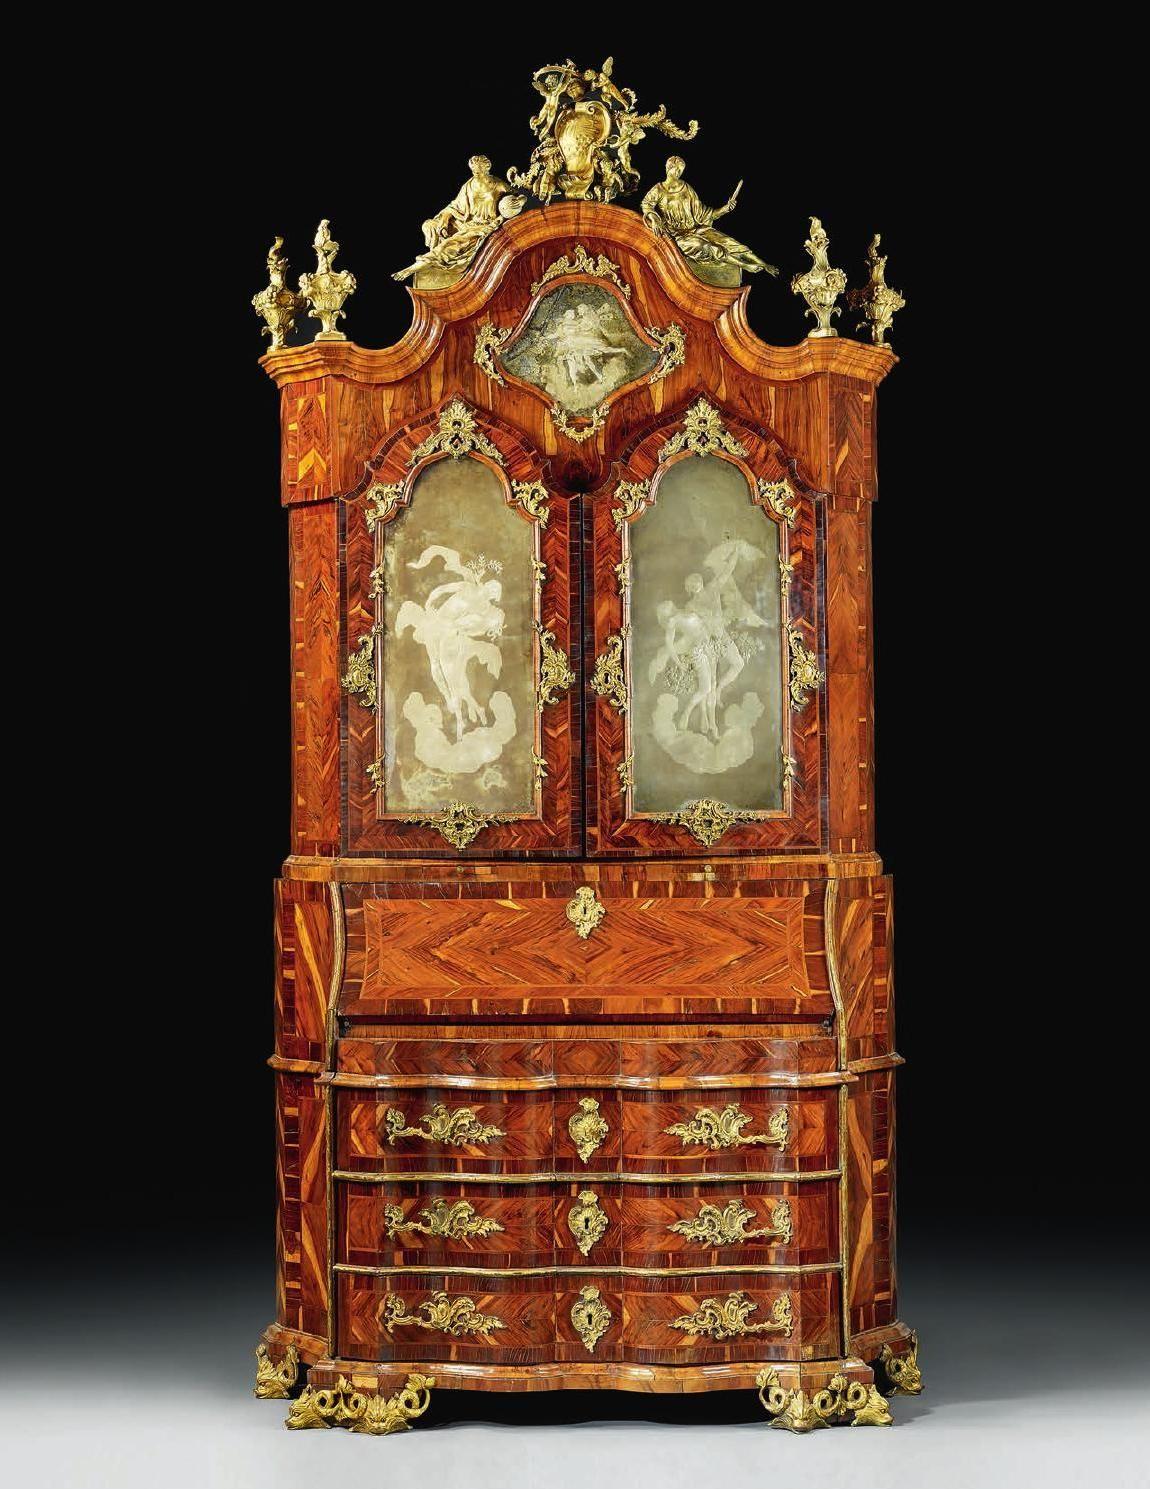 Pin de allure milion en deco vintage pinterest muebles - Muebles estilo antiguo ...